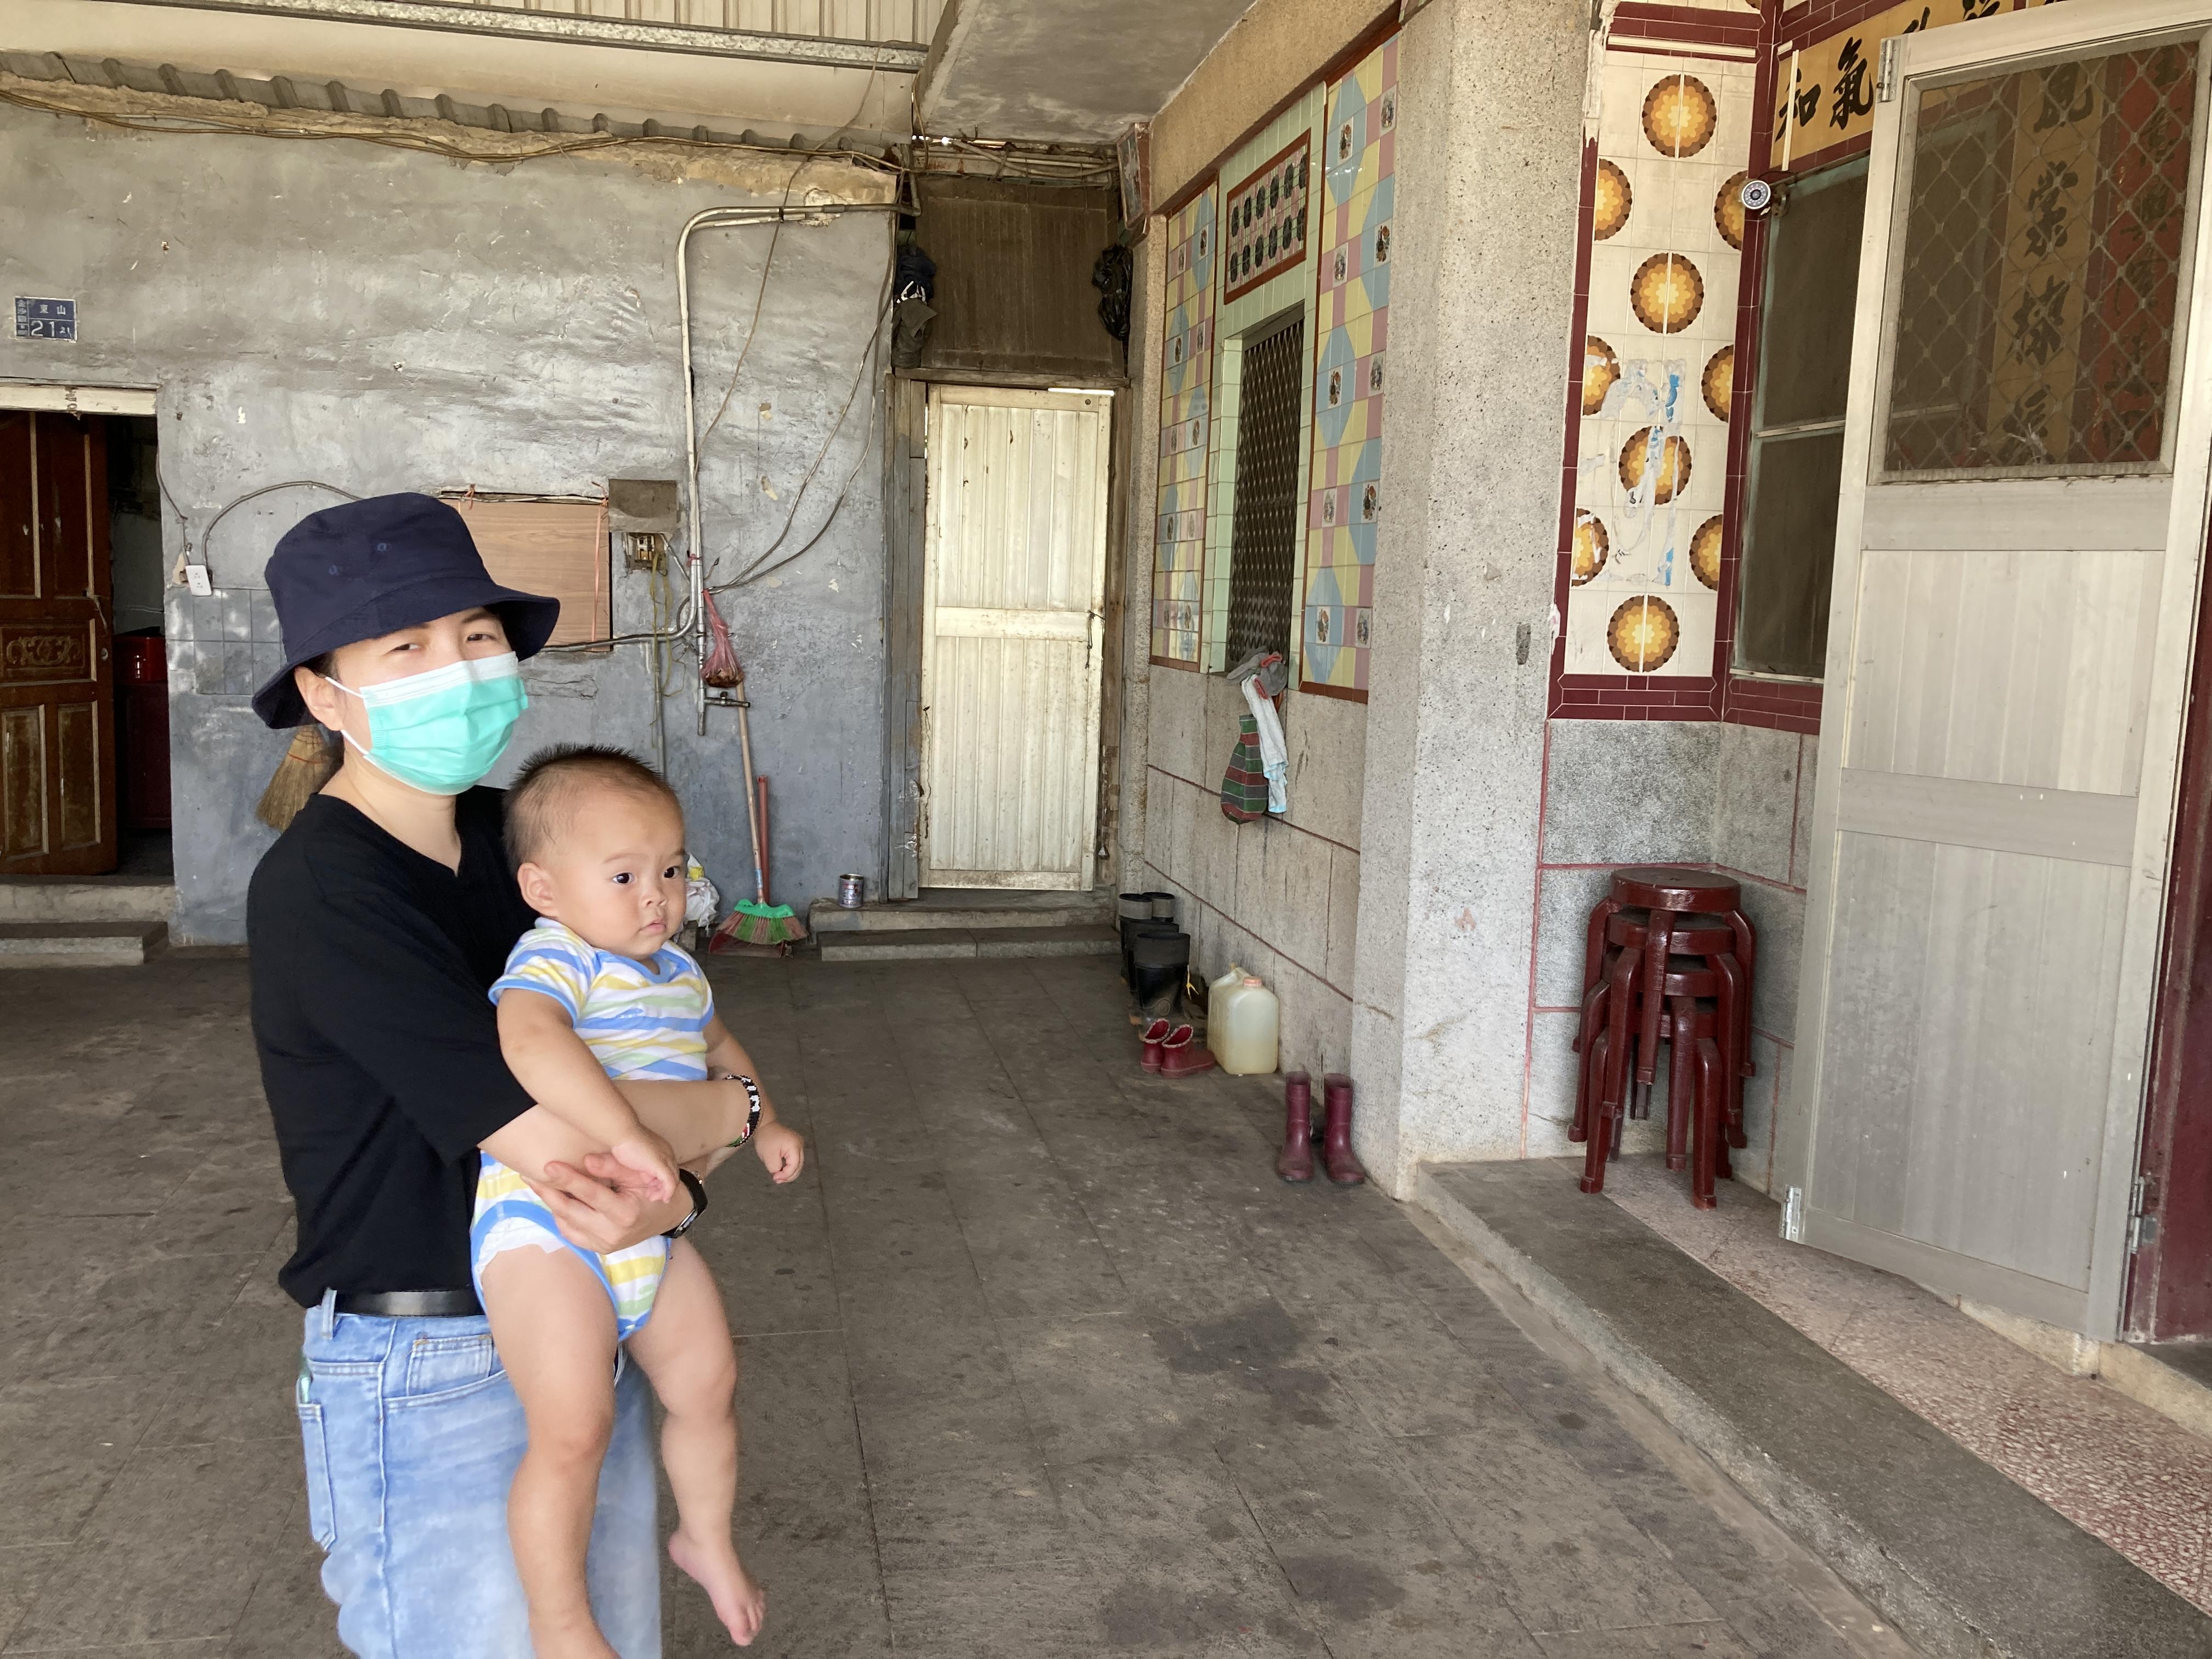 (圖八:新北金志工中心的夥伴莘甯還要幫忙照顧在地協力夥伴的小孩/攝影:宗洧)